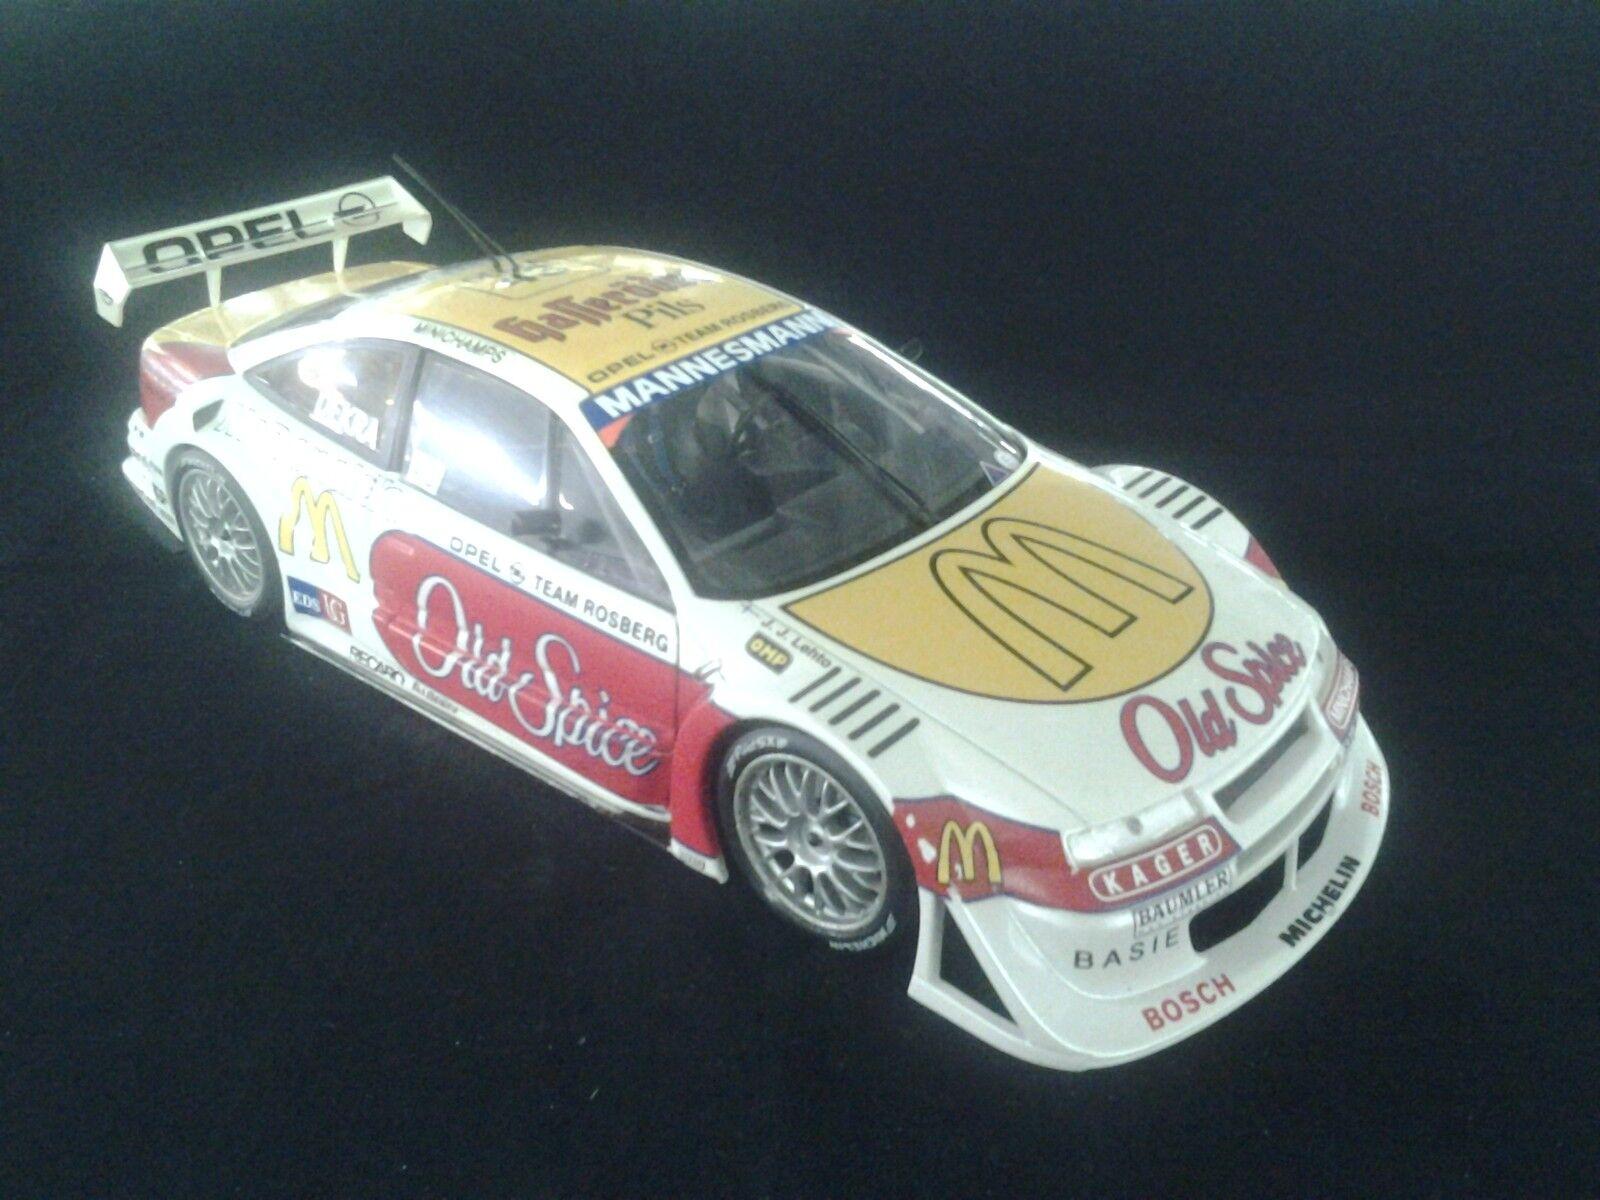 Envío 100% gratuito UT Models Models Models Opel Calibra V6 4x4 ITC 1996 1 18  43 J.J. Lehto (FIN) (MCC)  punto de venta de la marca